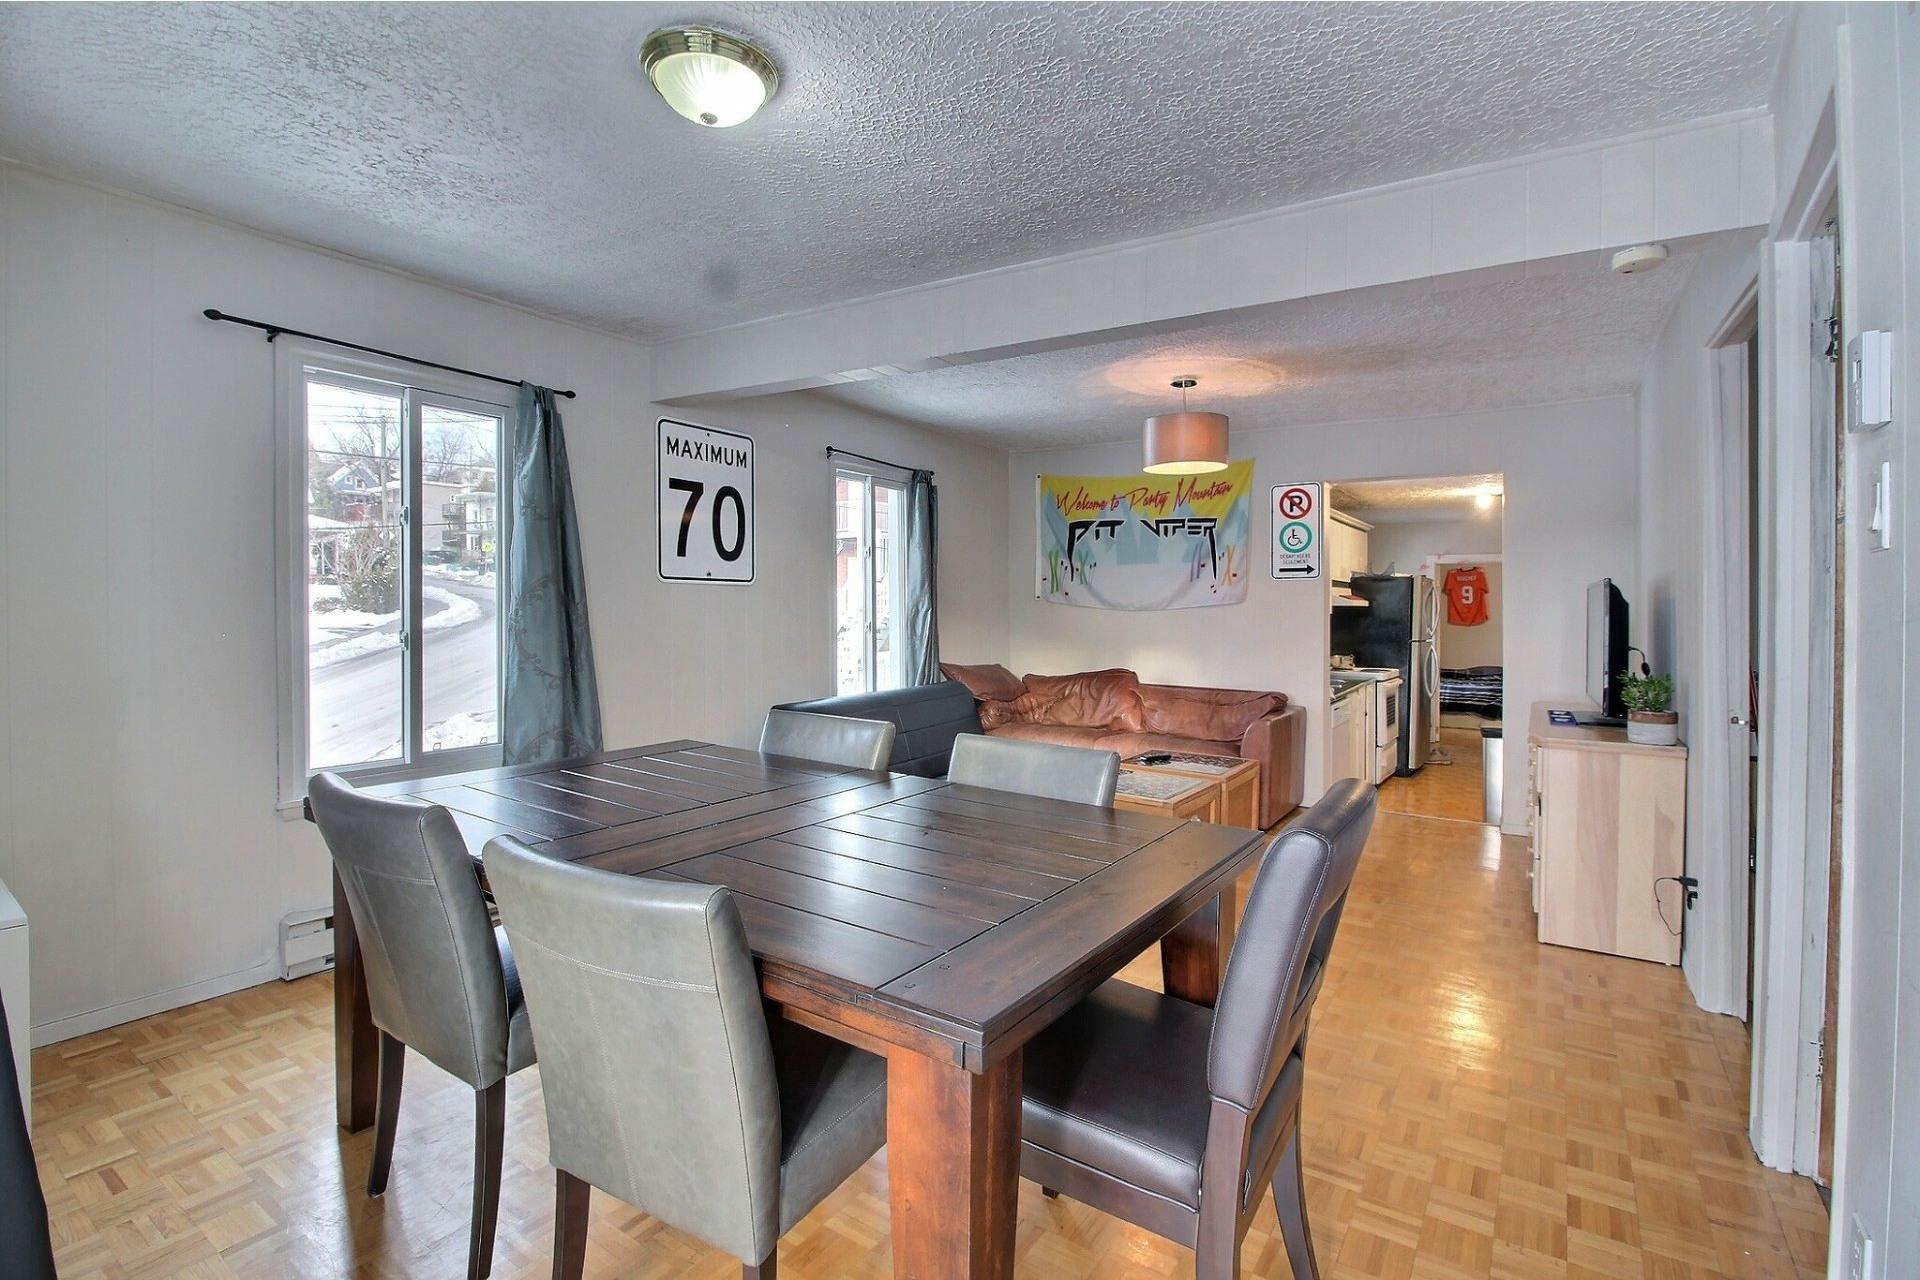 image 16 - Duplex À vendre Fleurimont Sherbrooke  - 4 pièces